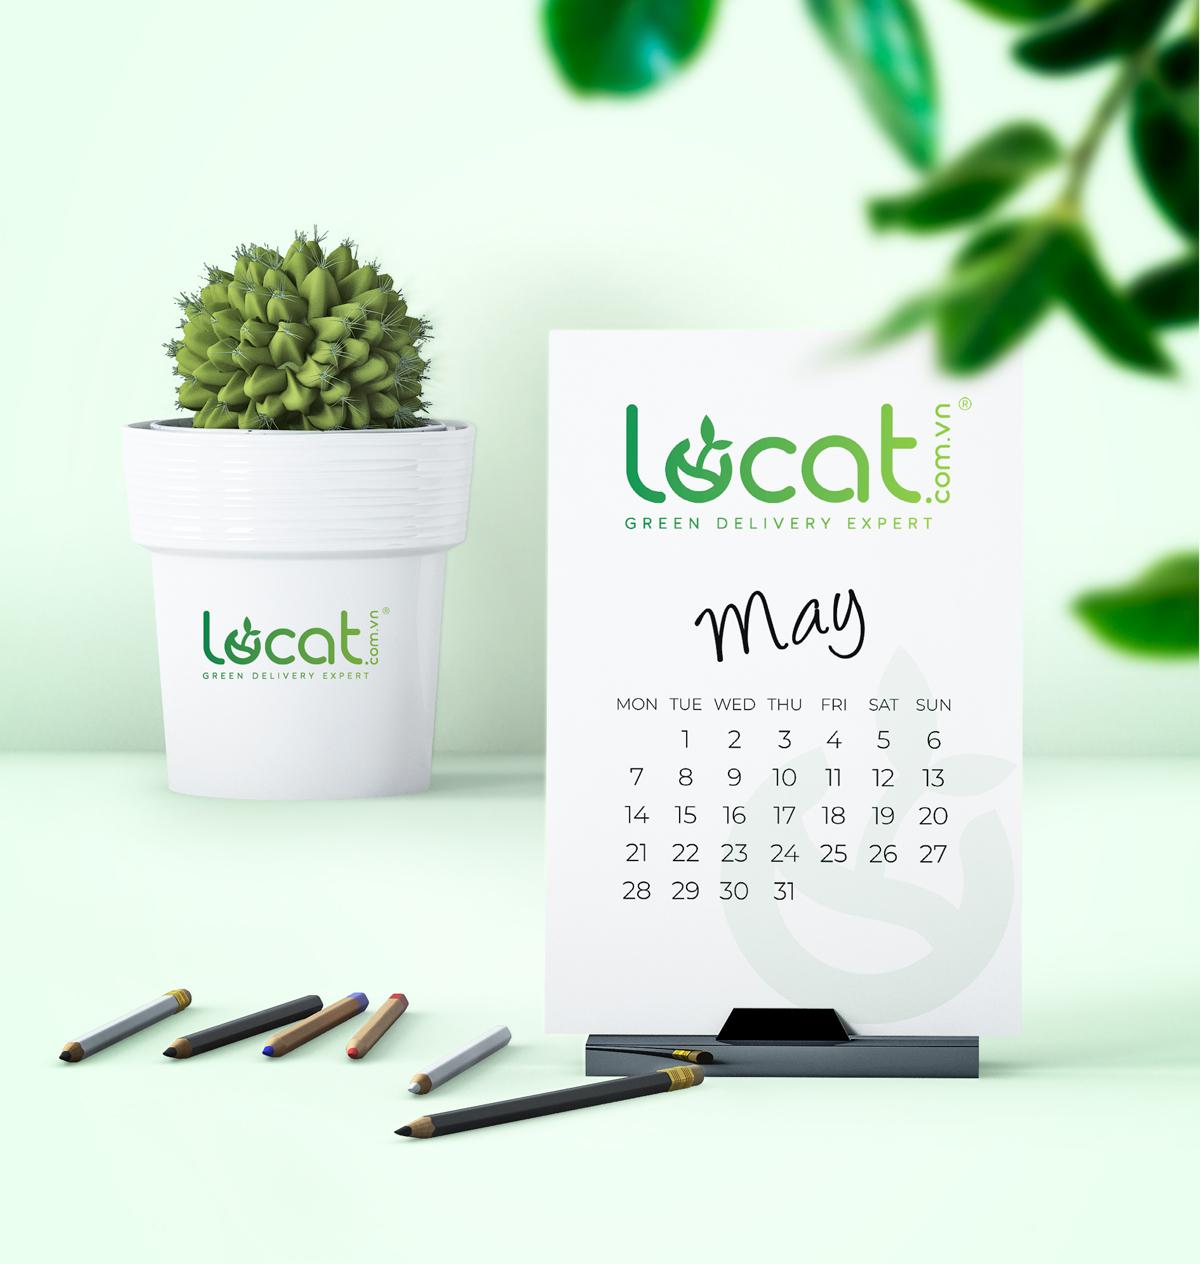 LoCat_thiet_ke_Logo_chuyen_nghiep_gia_tot_1